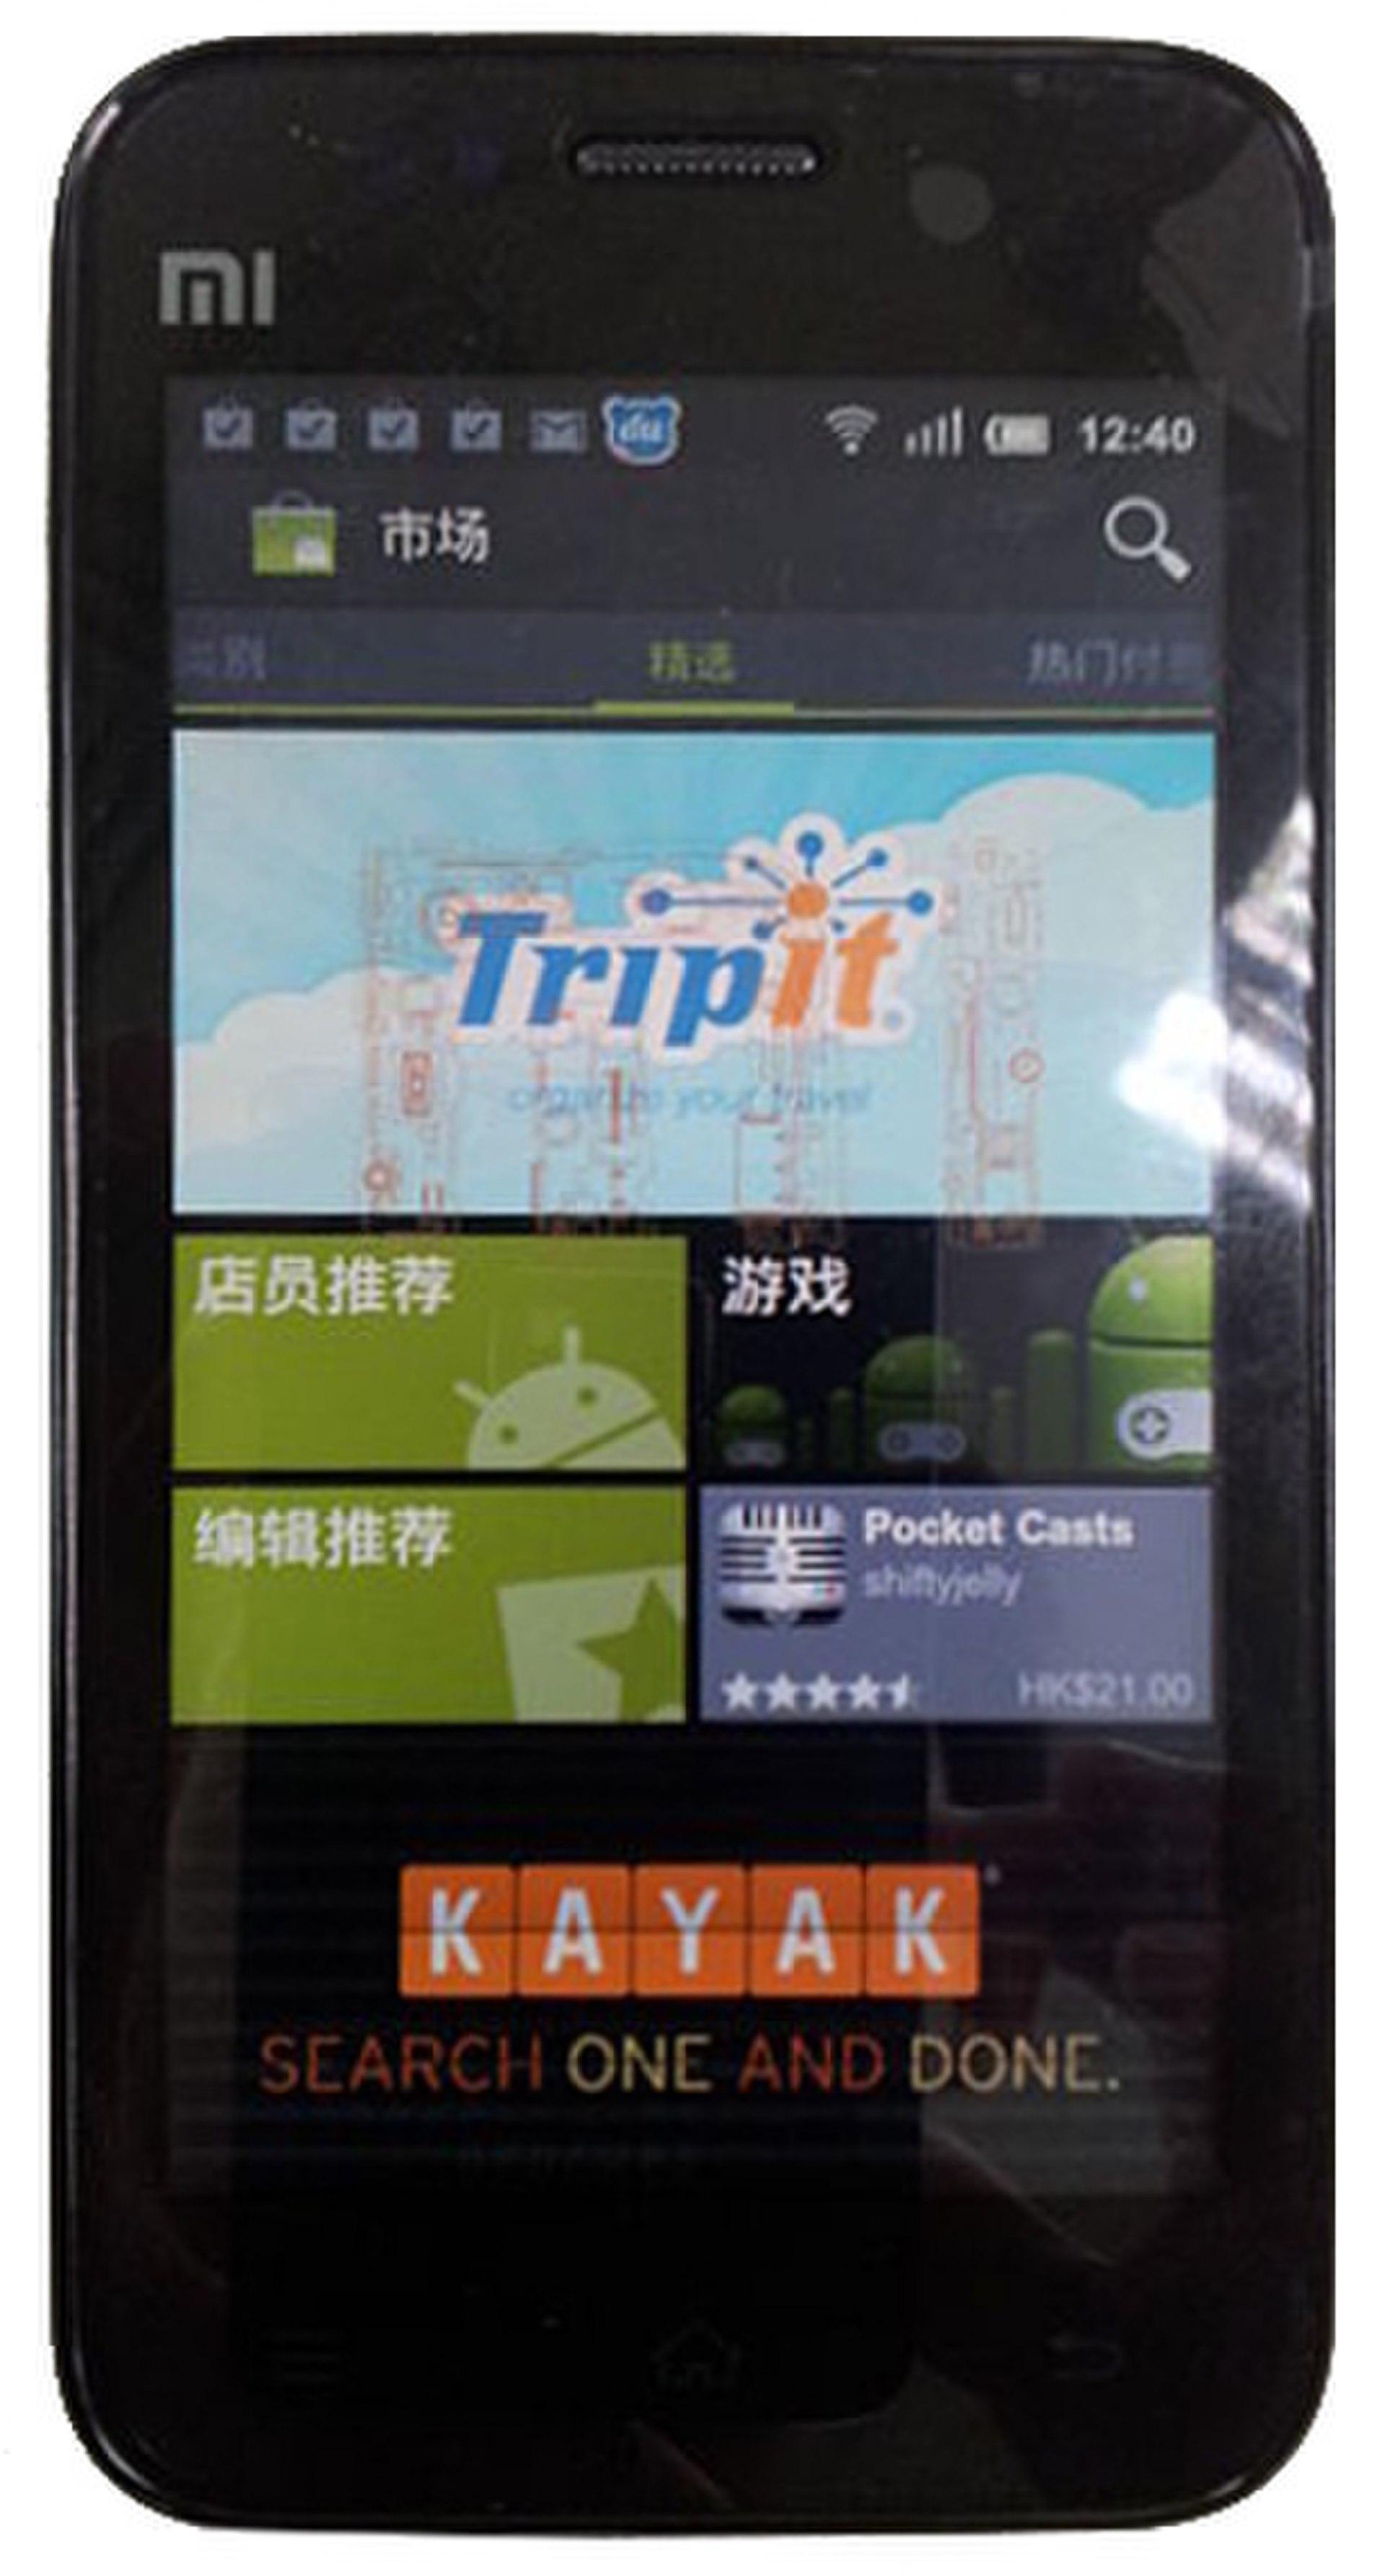 Xiaomi Mi 1 Wikipedia